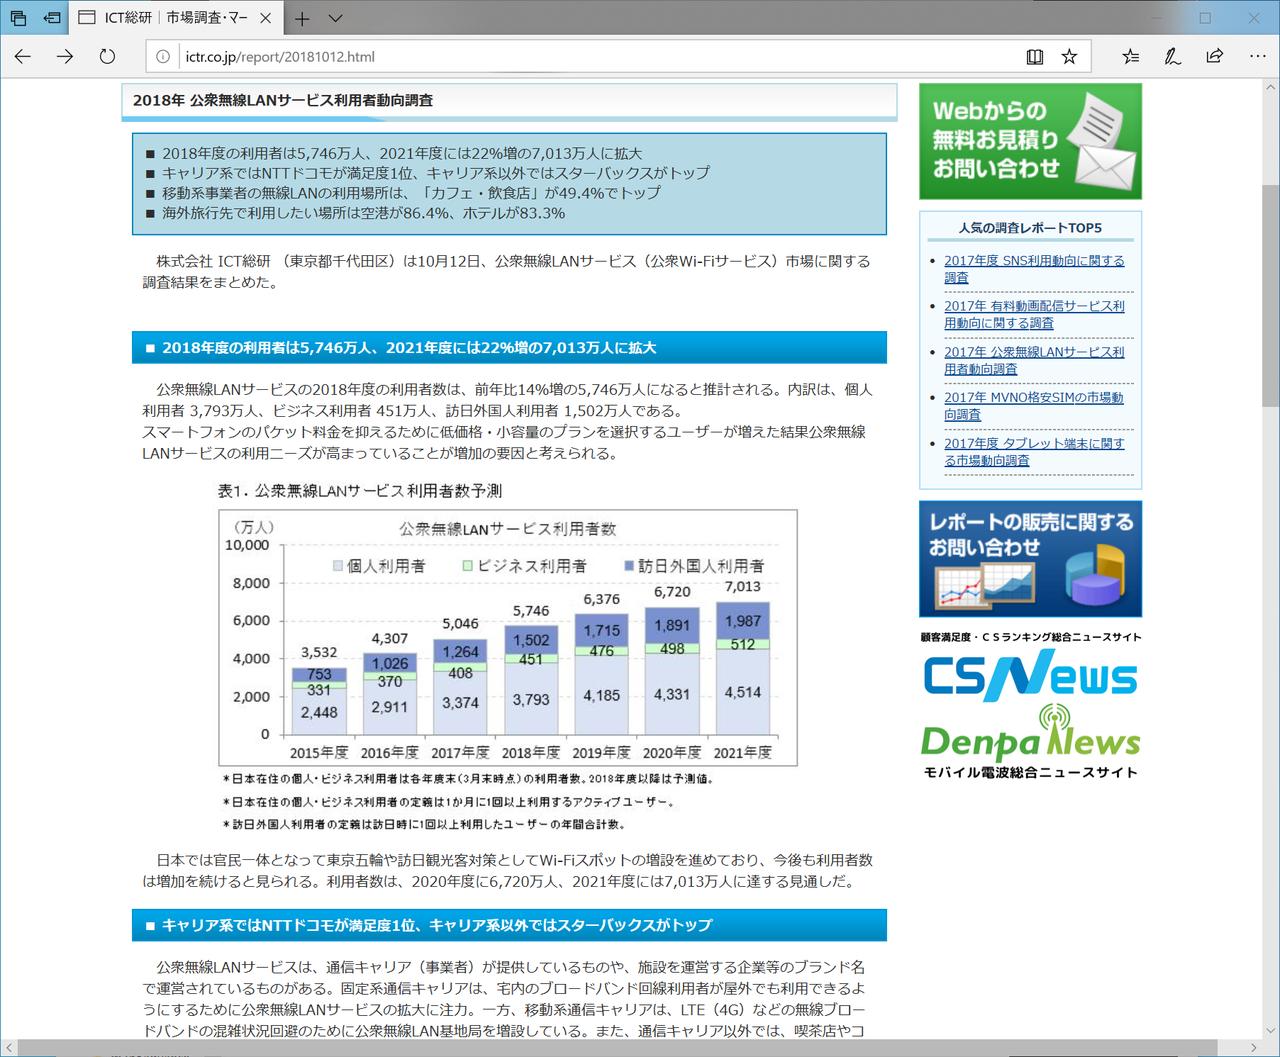 公衆無線LANサービスの利用者数予測(出典:ICT総研)